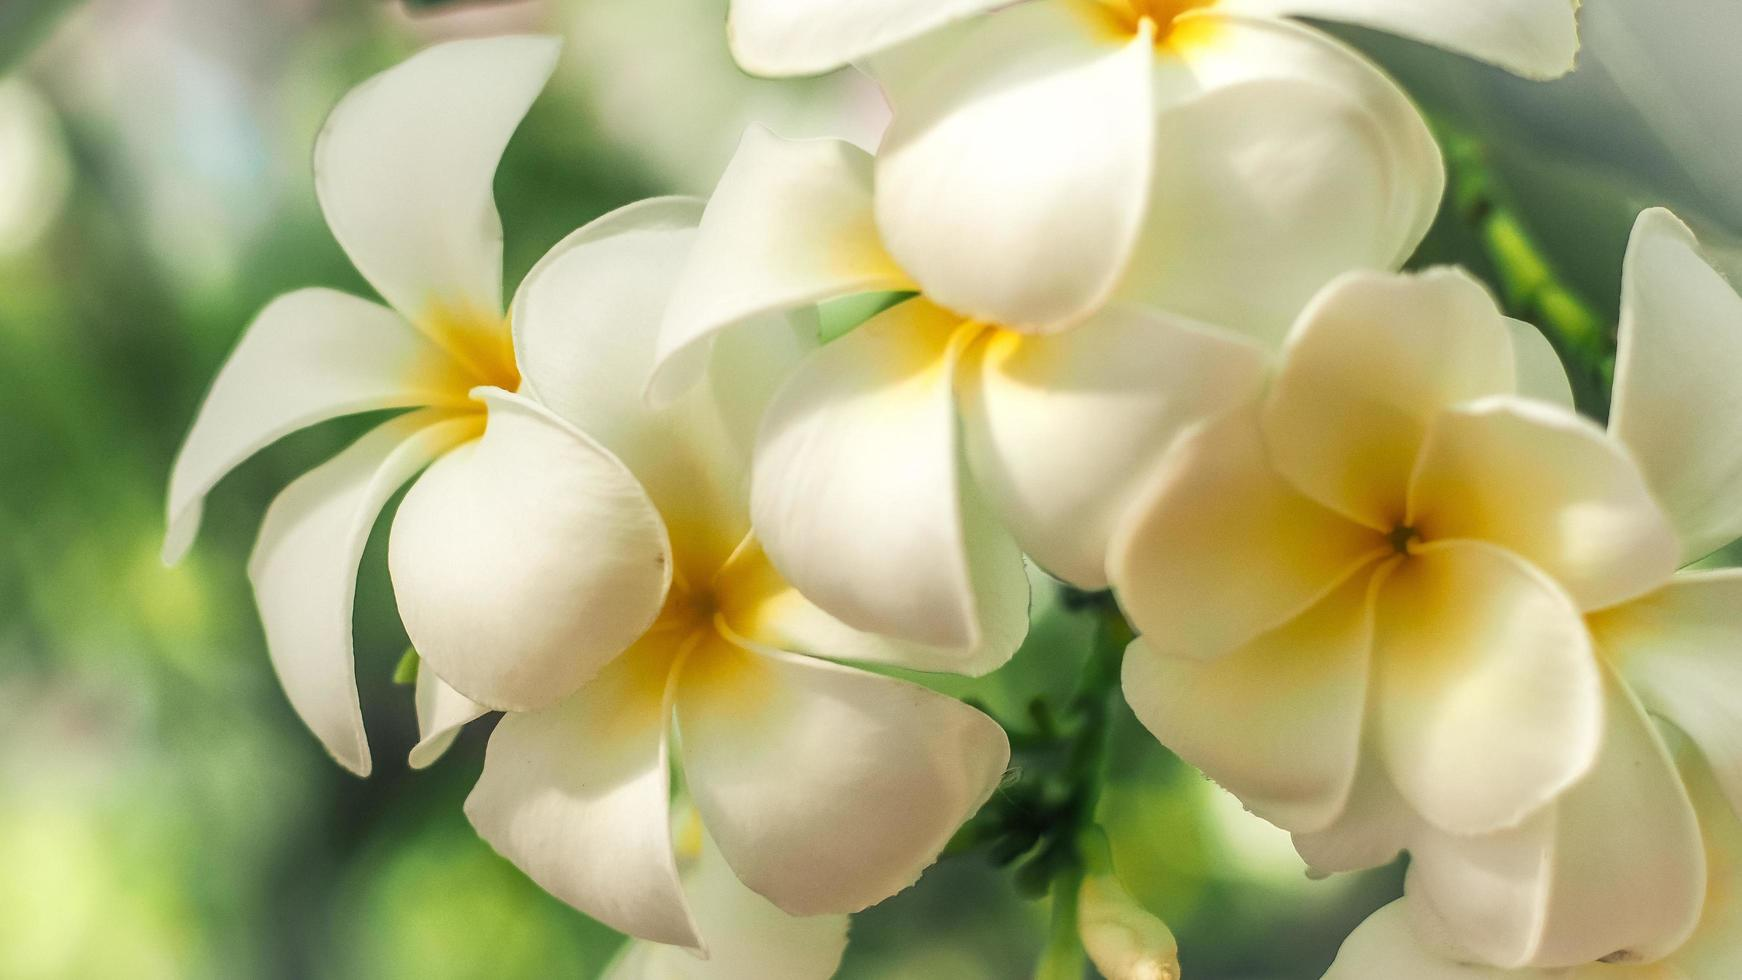 Nahaufnahme von Plumeria-Blüten foto